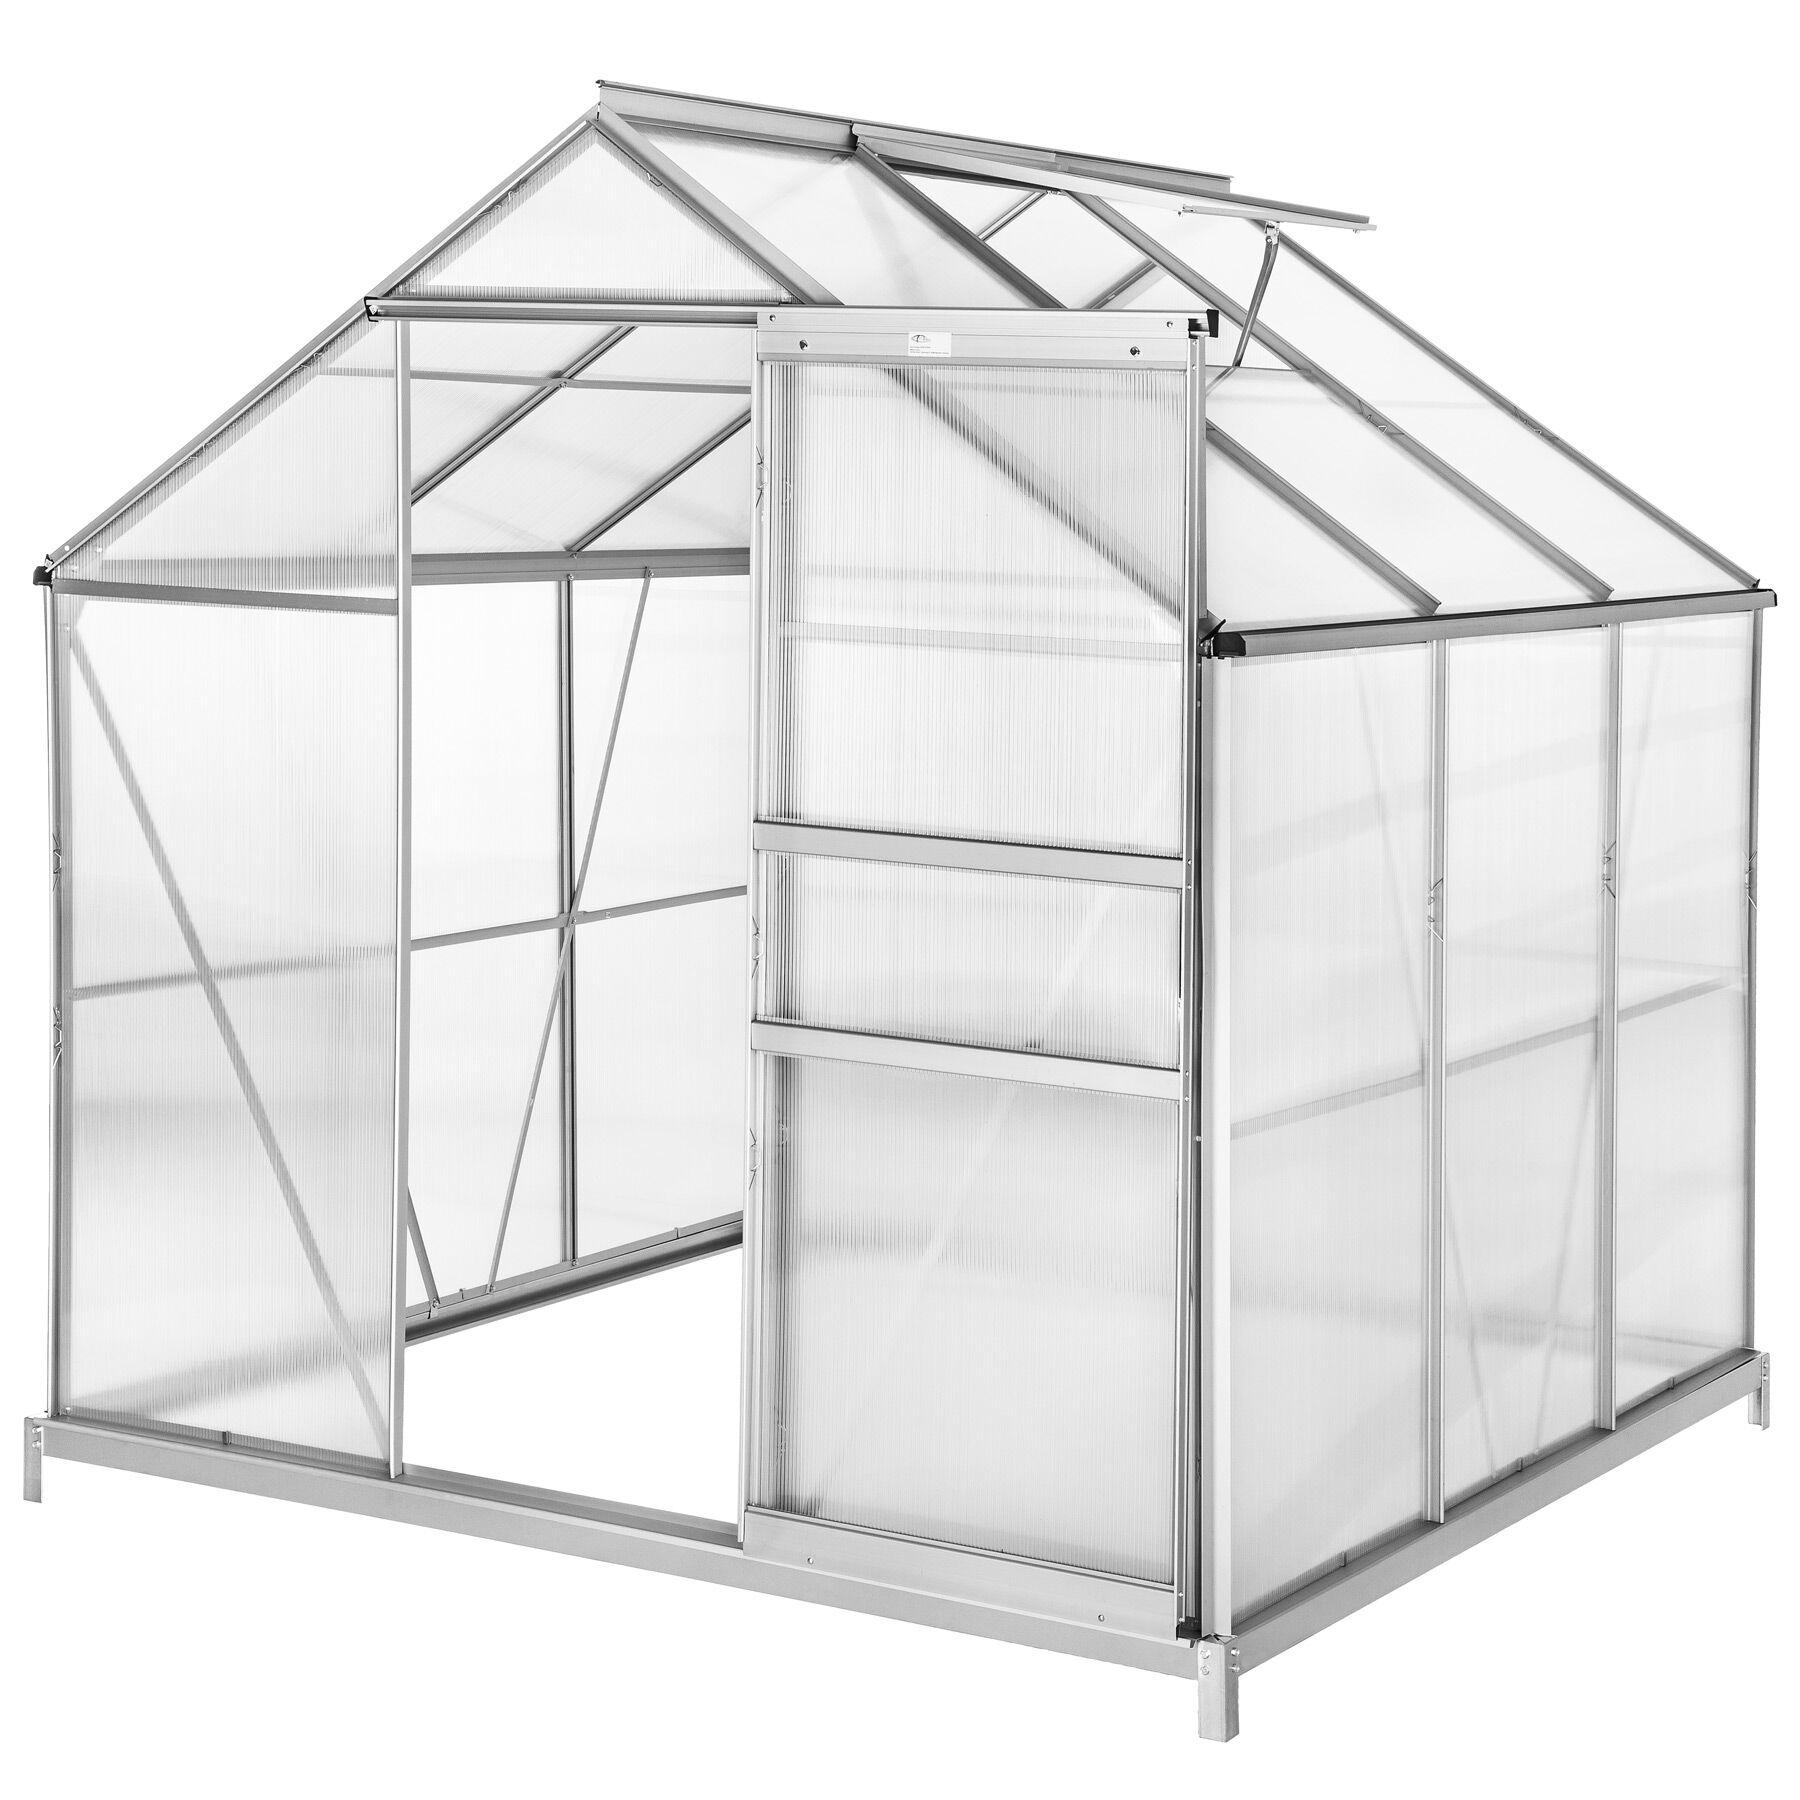 tectake serra in alluminio e policarbonato con fondamenta - 190 x 185 x 195 cm